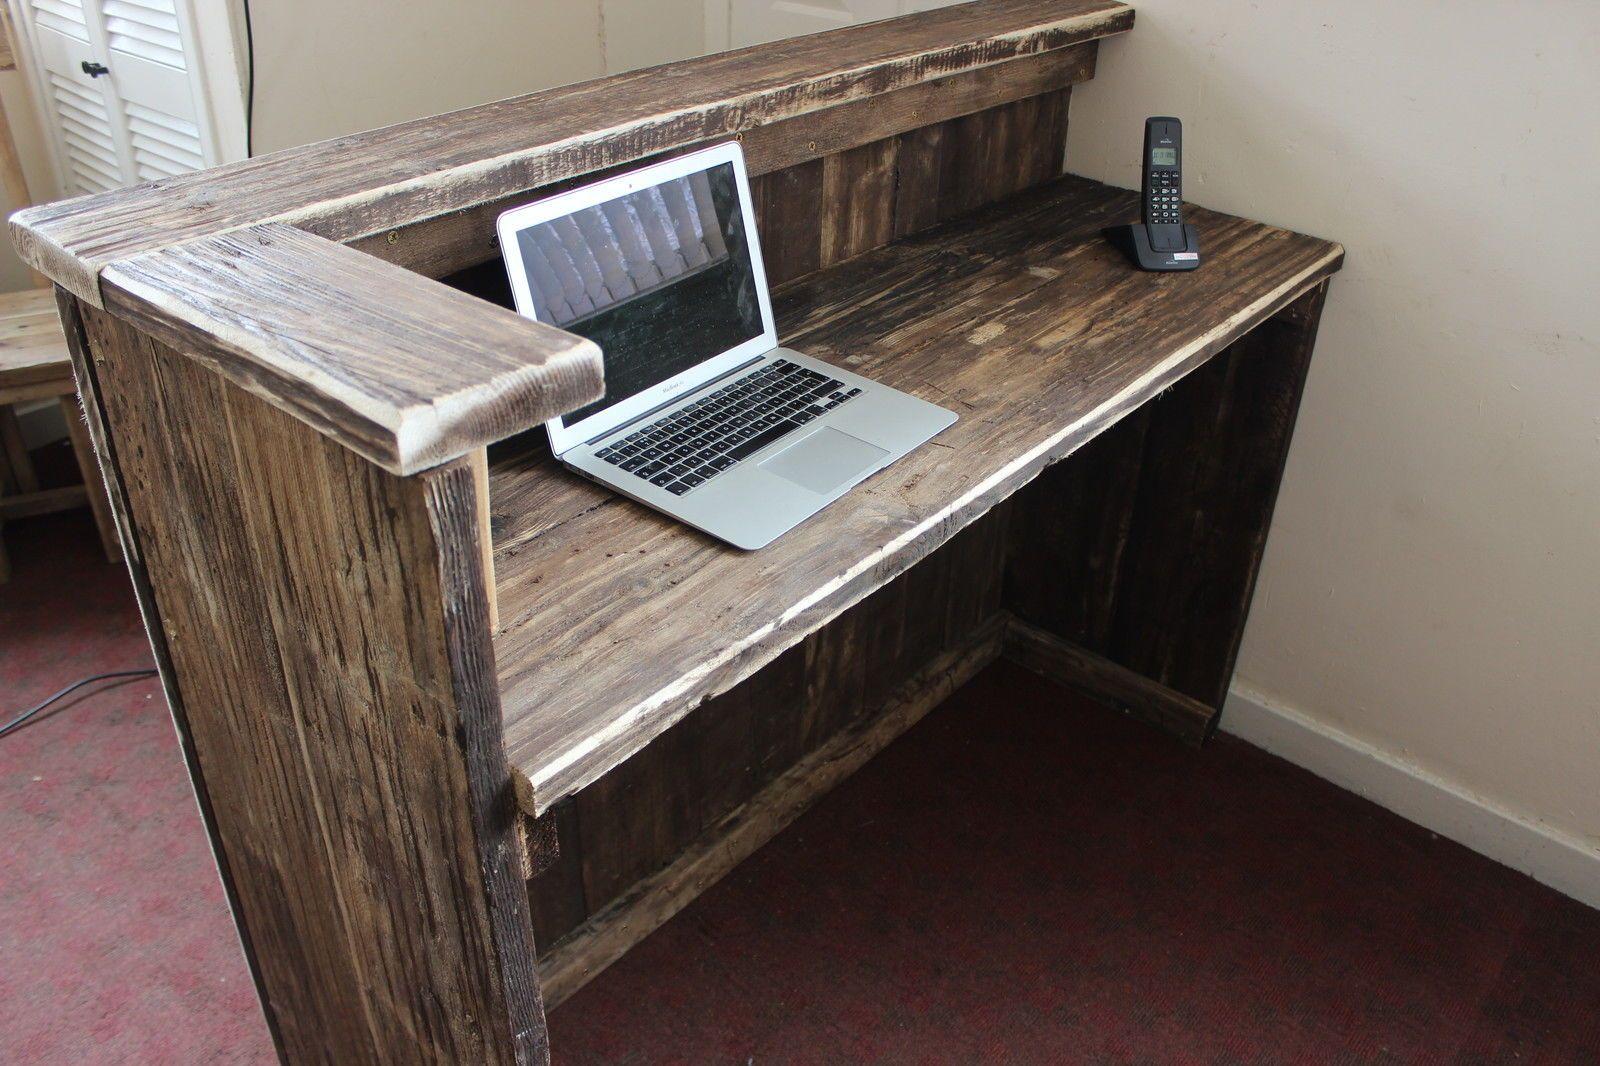 hairdresser salon spa barber hotel rustic solid driftwood wood reception desk - Salon Reception Desk